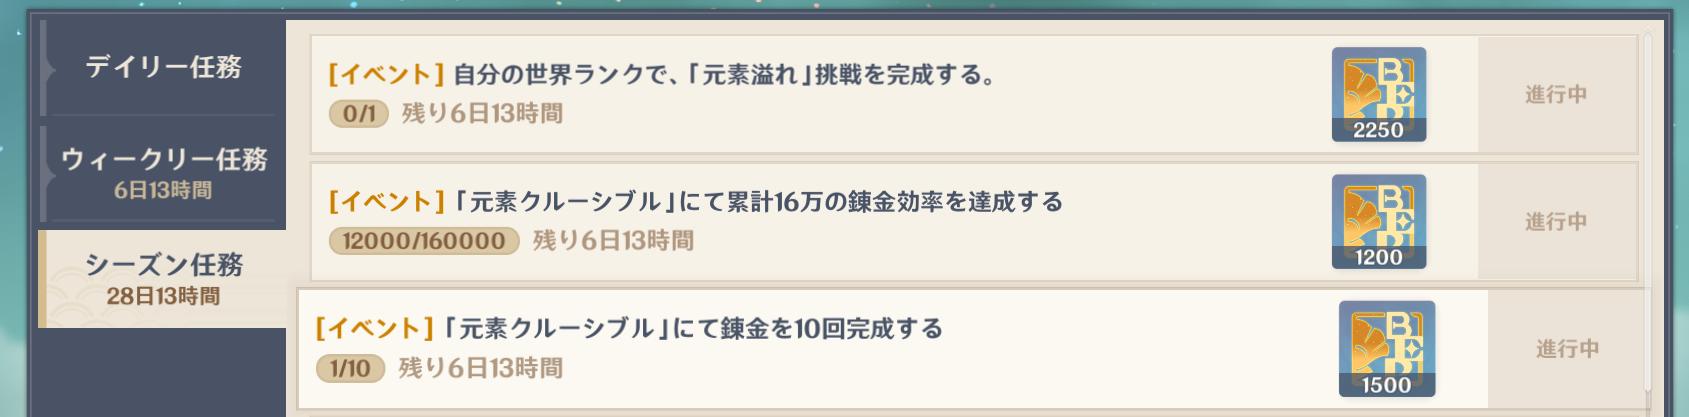 紀行経験.png